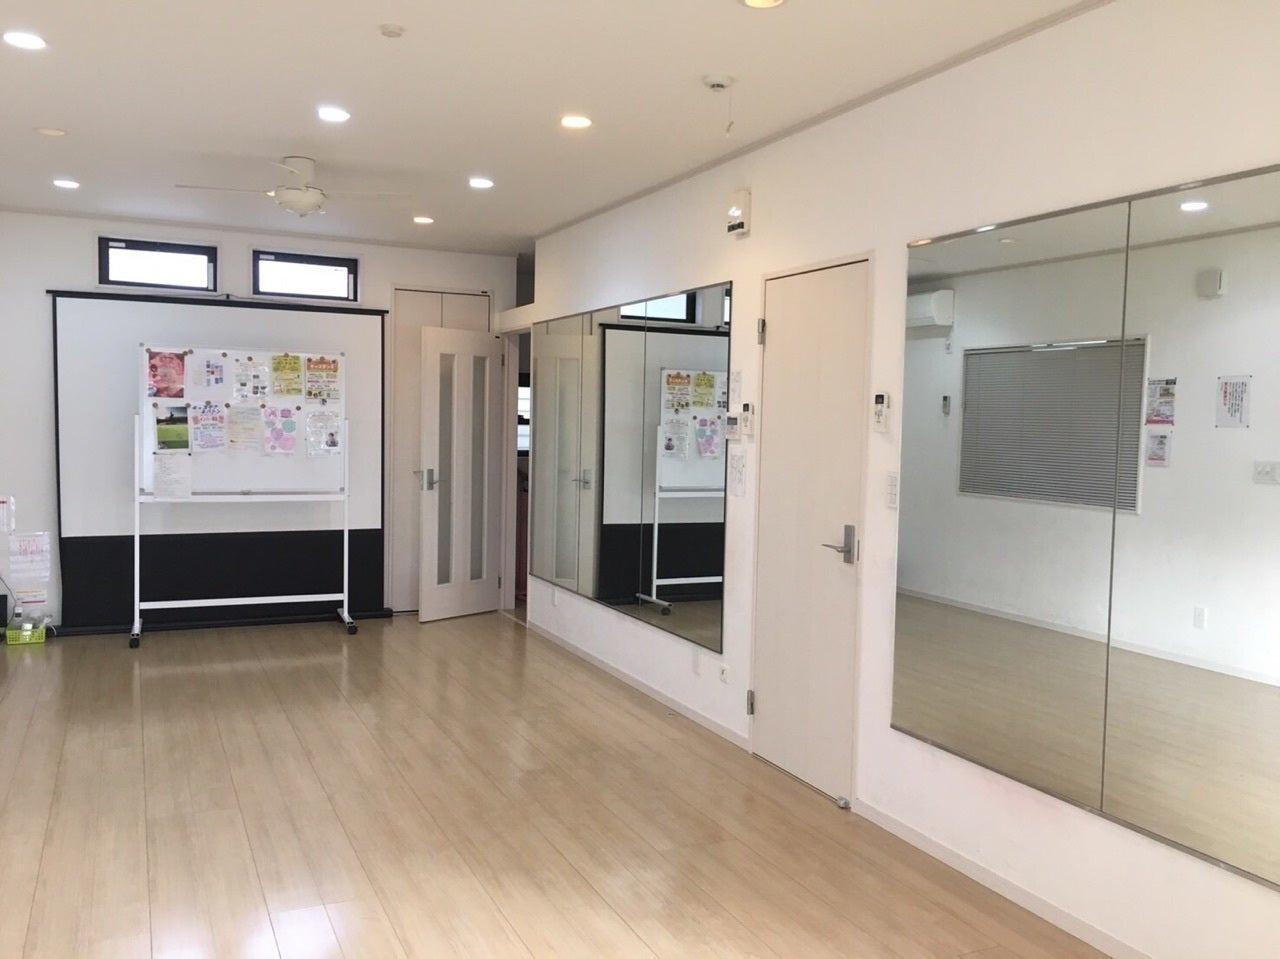 【東林間徒歩8分】オールタイム1000円!ダンスができるレンタルスタジオ!